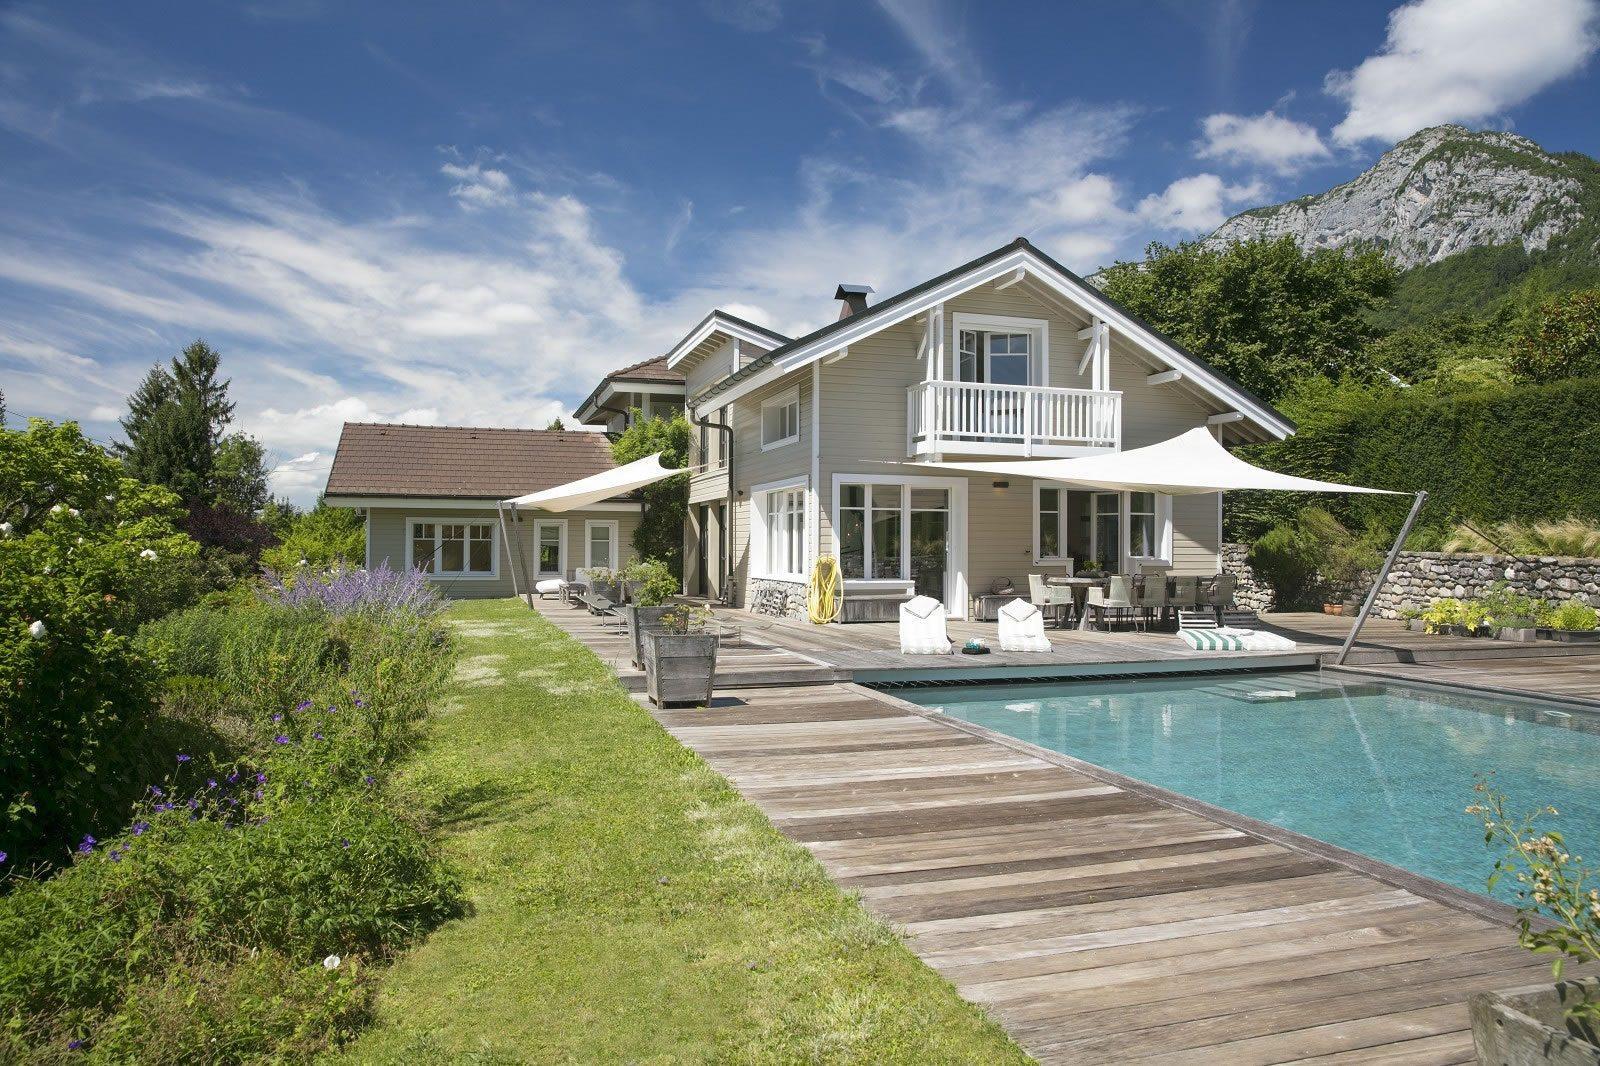 belle-villa-contemporaine-bois-piscine-a-vendre-veyrier-du-lac-jardin-terrasse-baies-vitrees